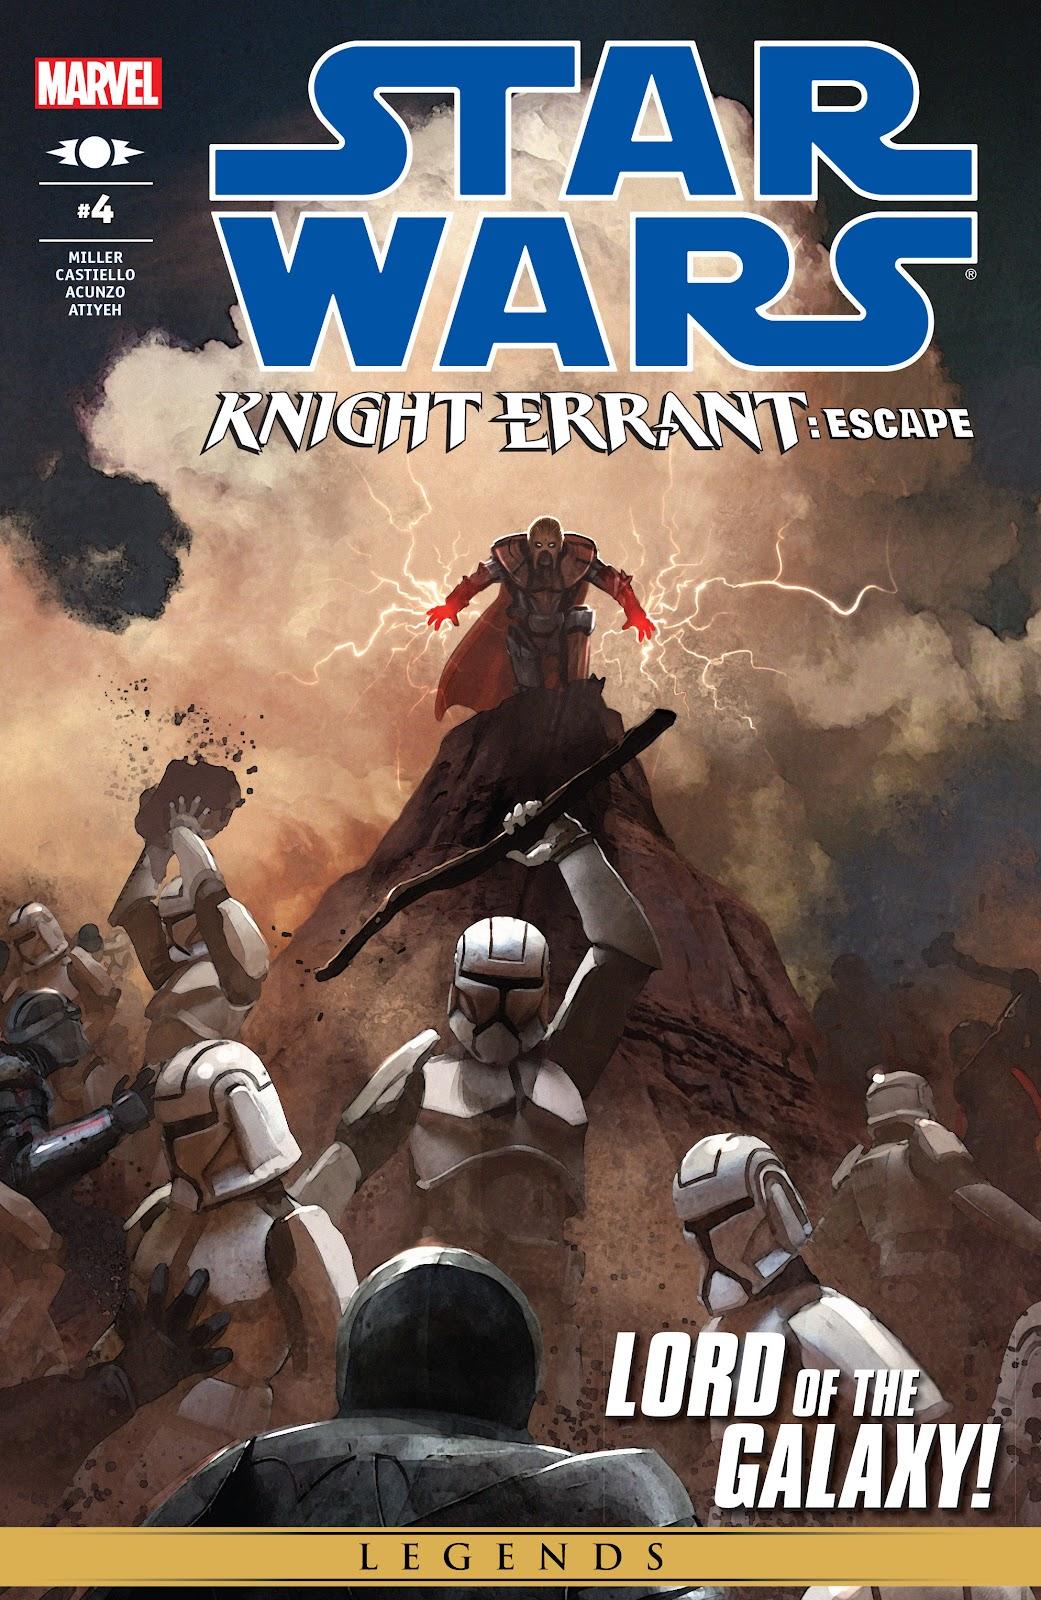 Star Wars: Knight Errant - Escape 4 Page 1